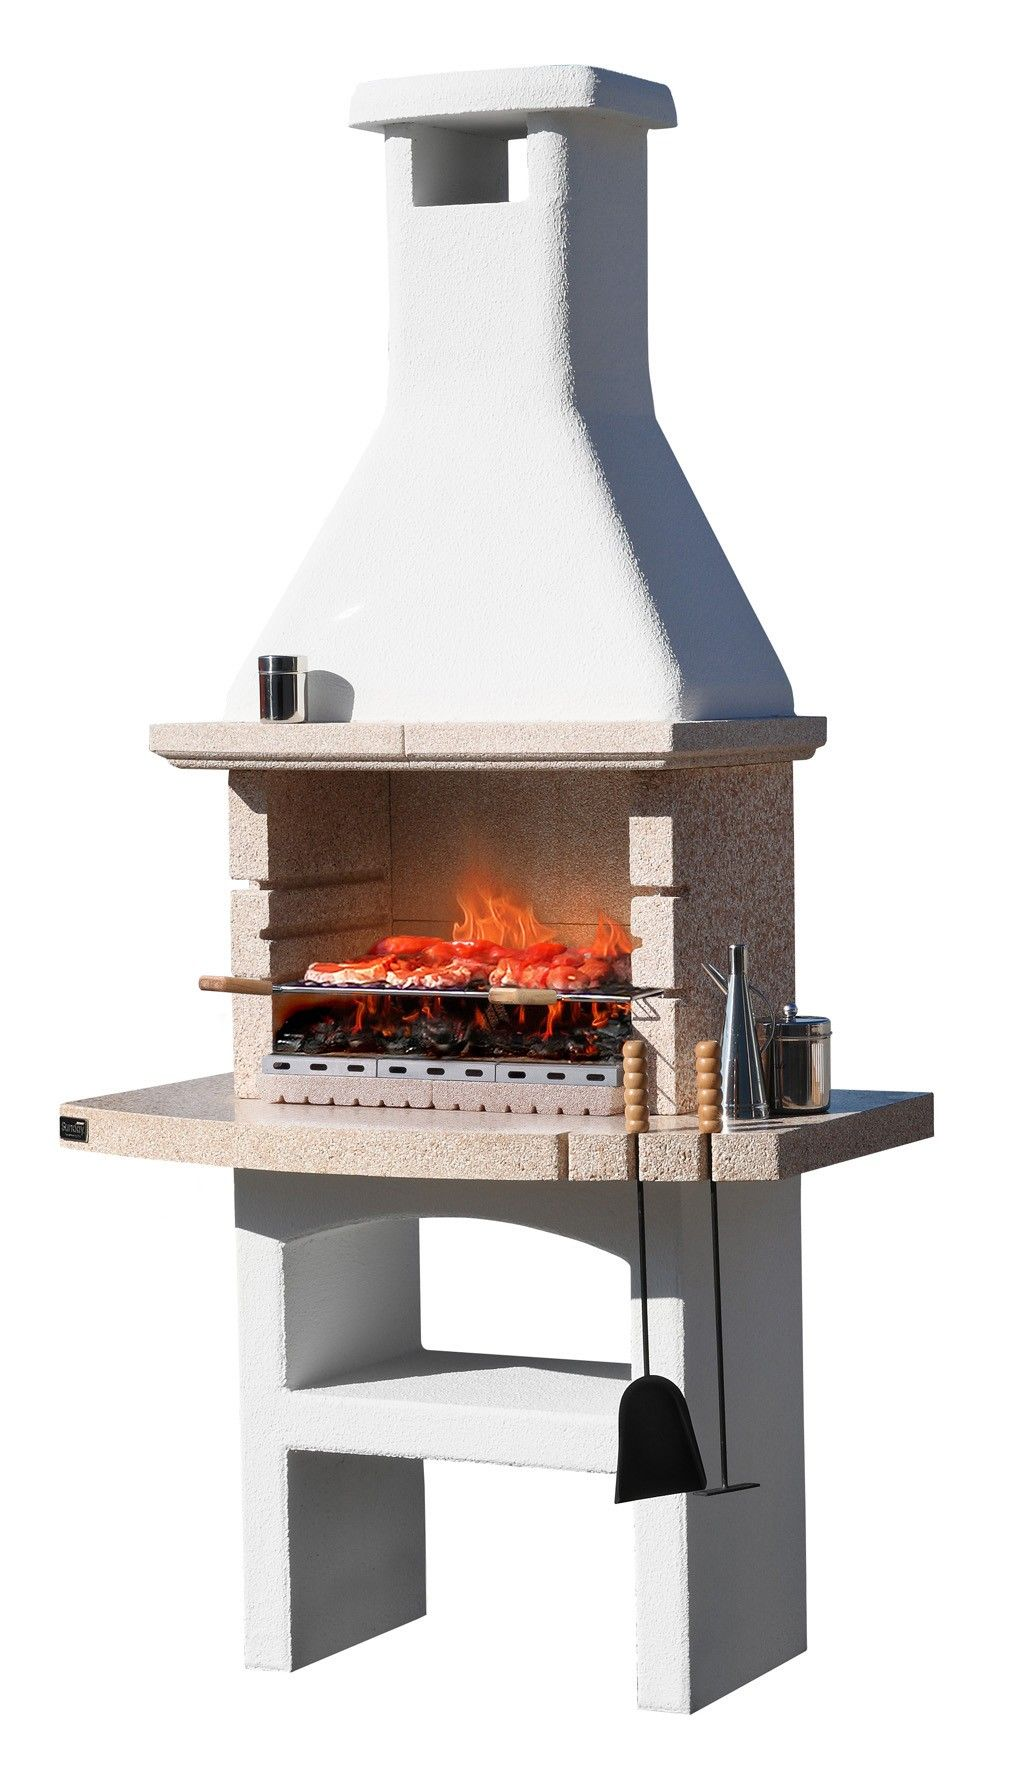 Justmoment barbecue in muratura desert 07 con cappa forno - Barbecue in muratura con forno ...